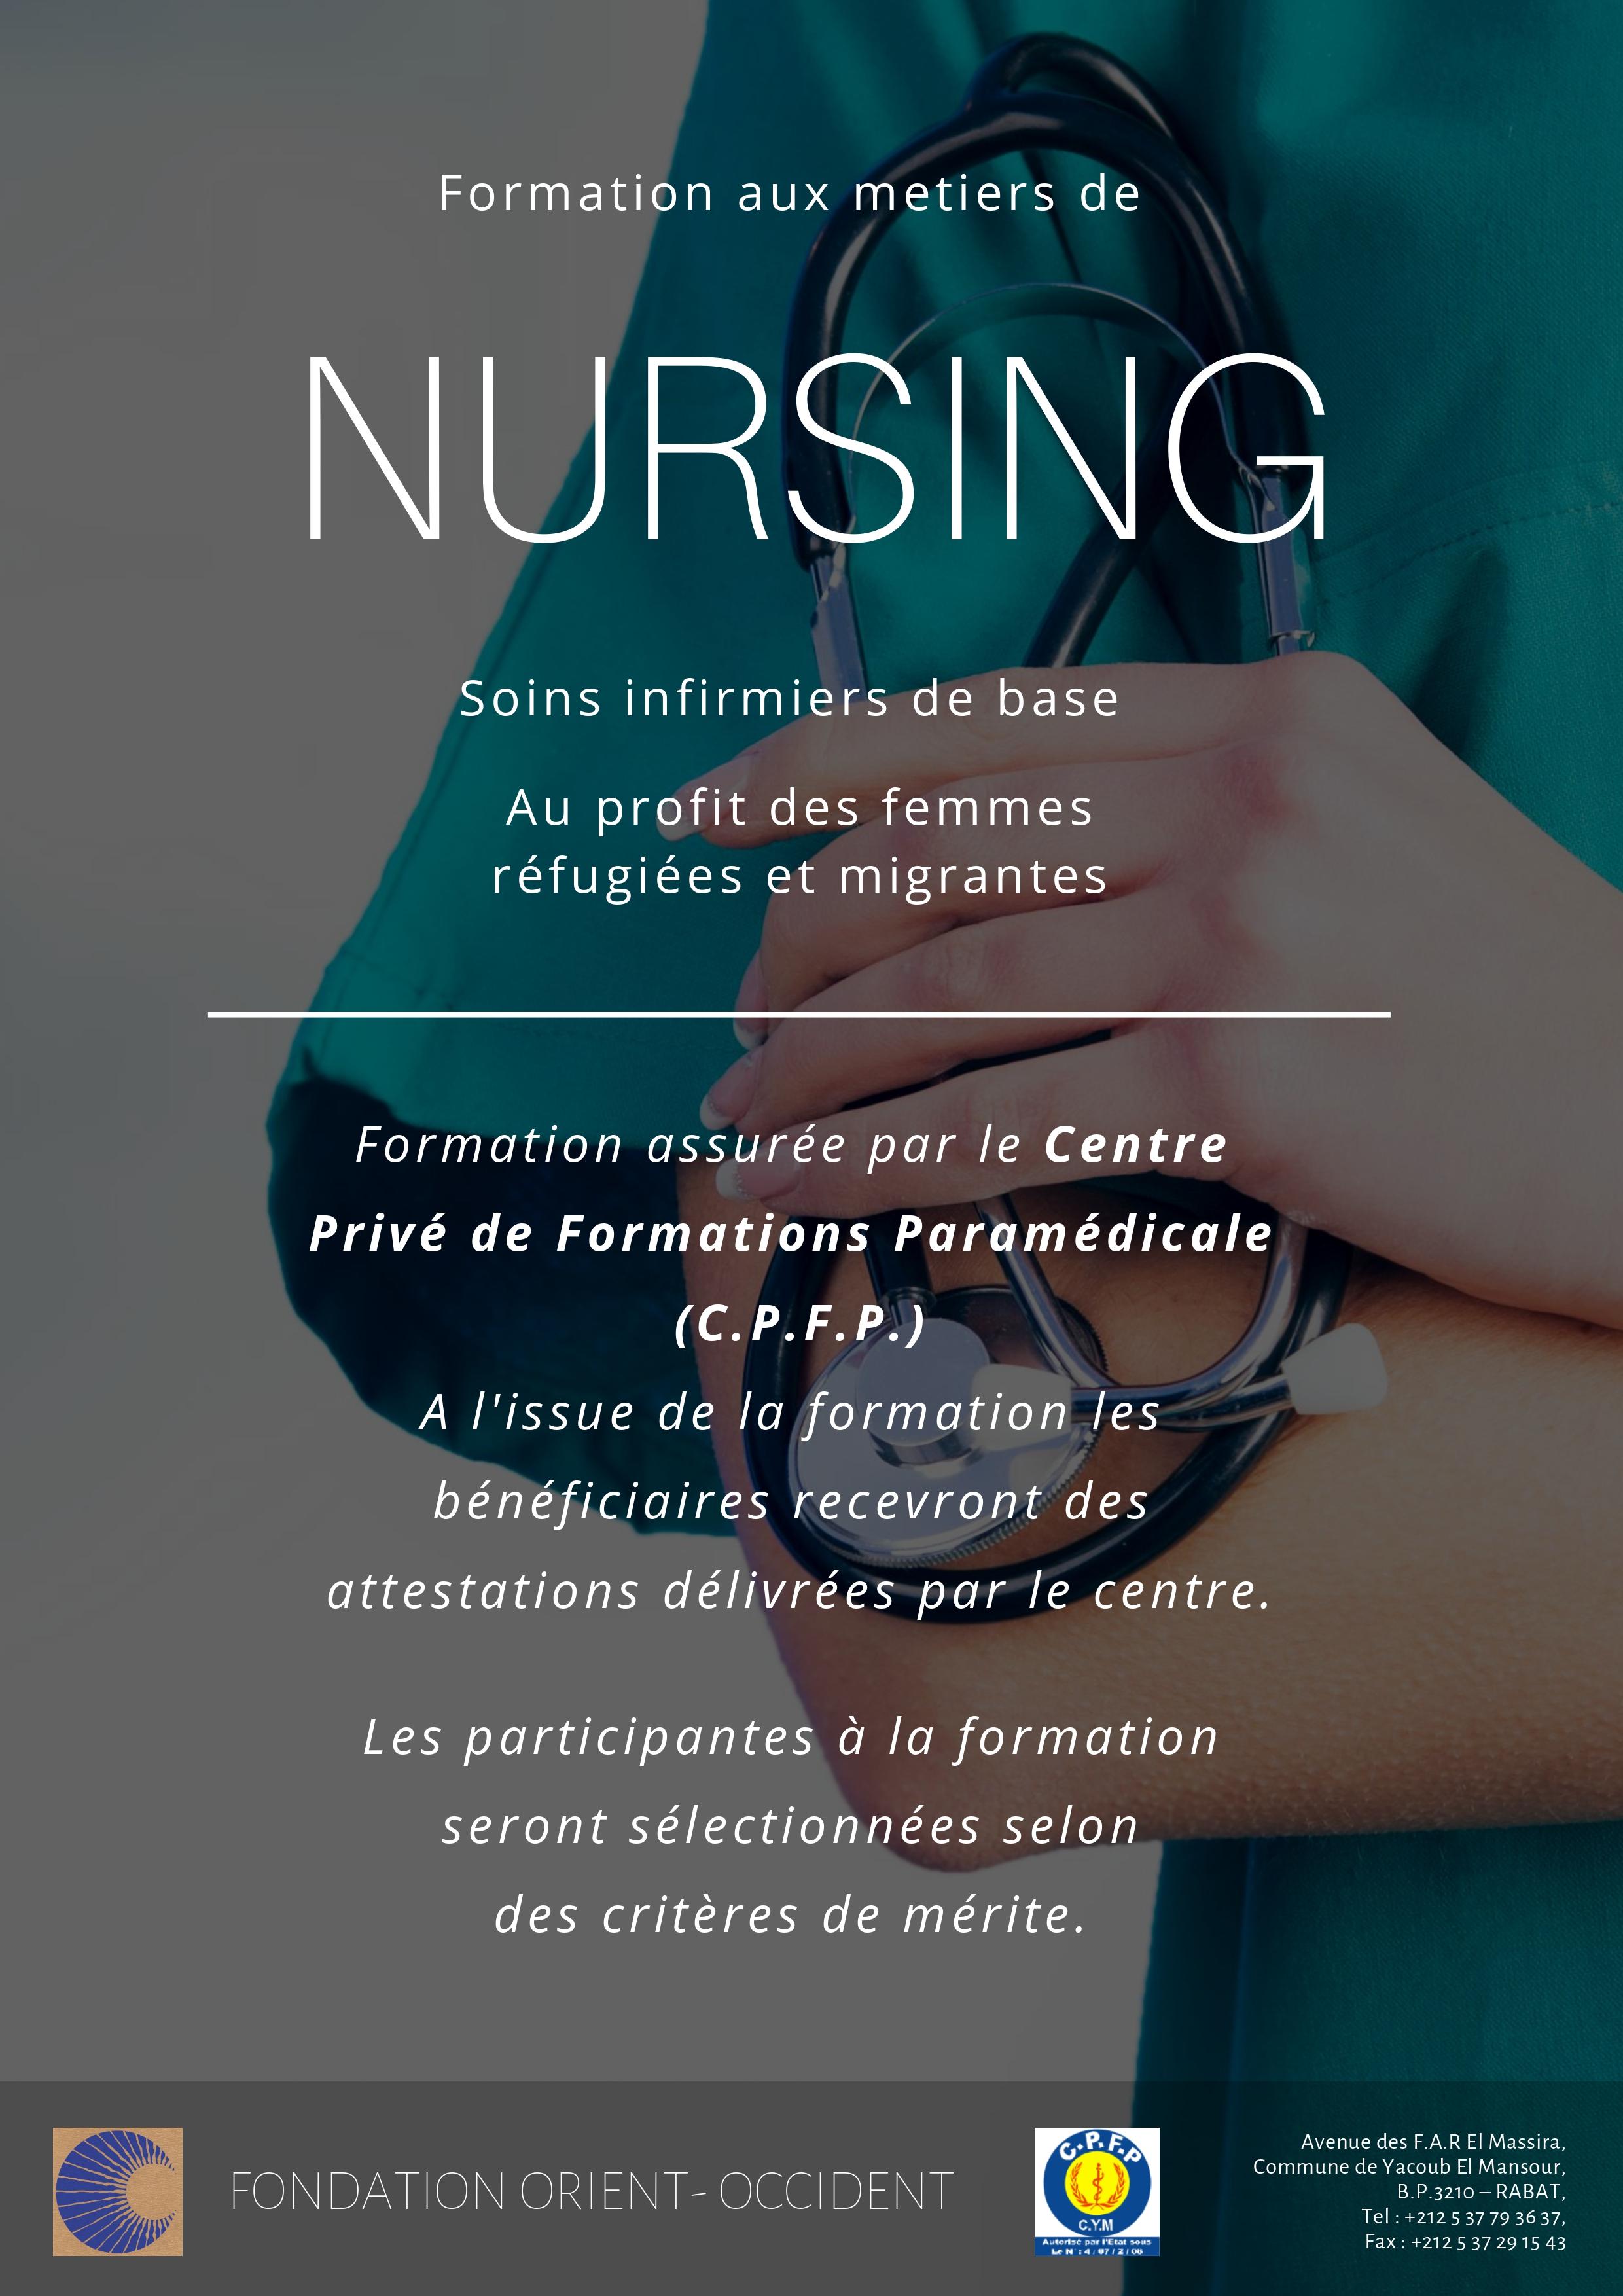 Formation aux metiers de nursing